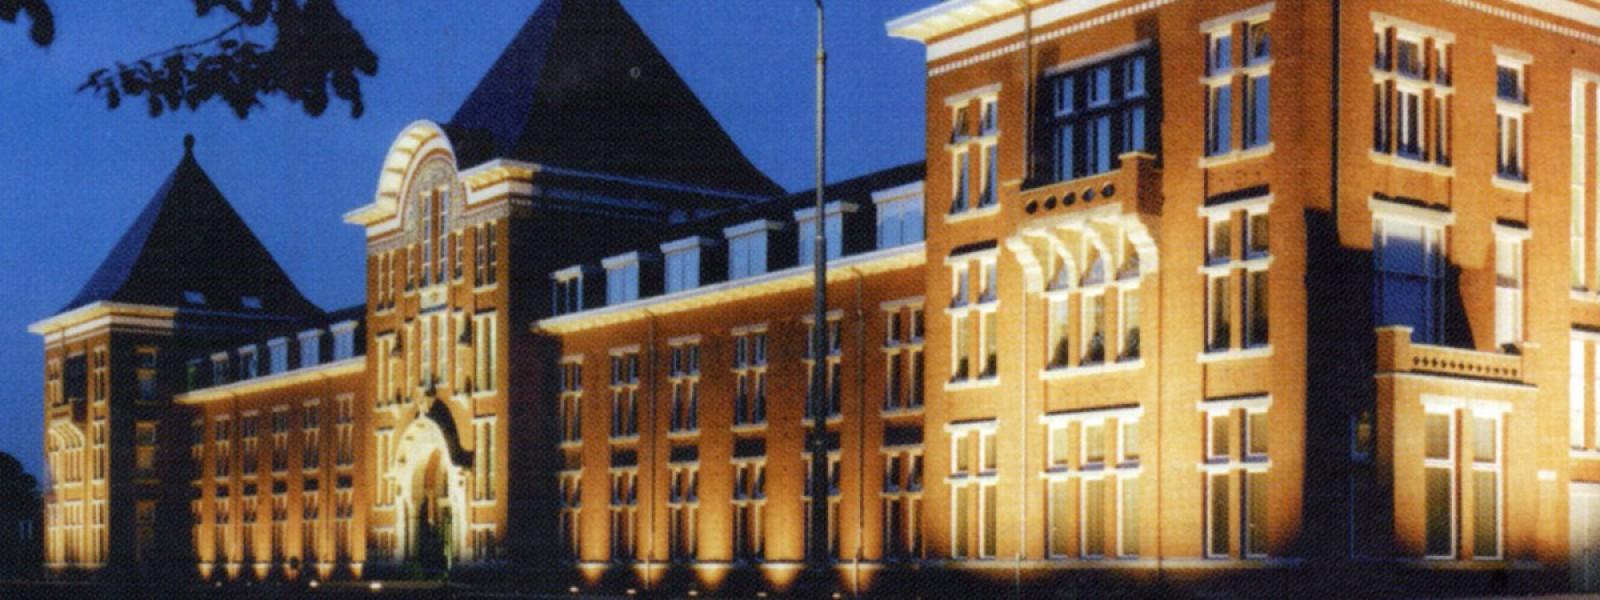 Utiliteit FlorijnCollege Breda